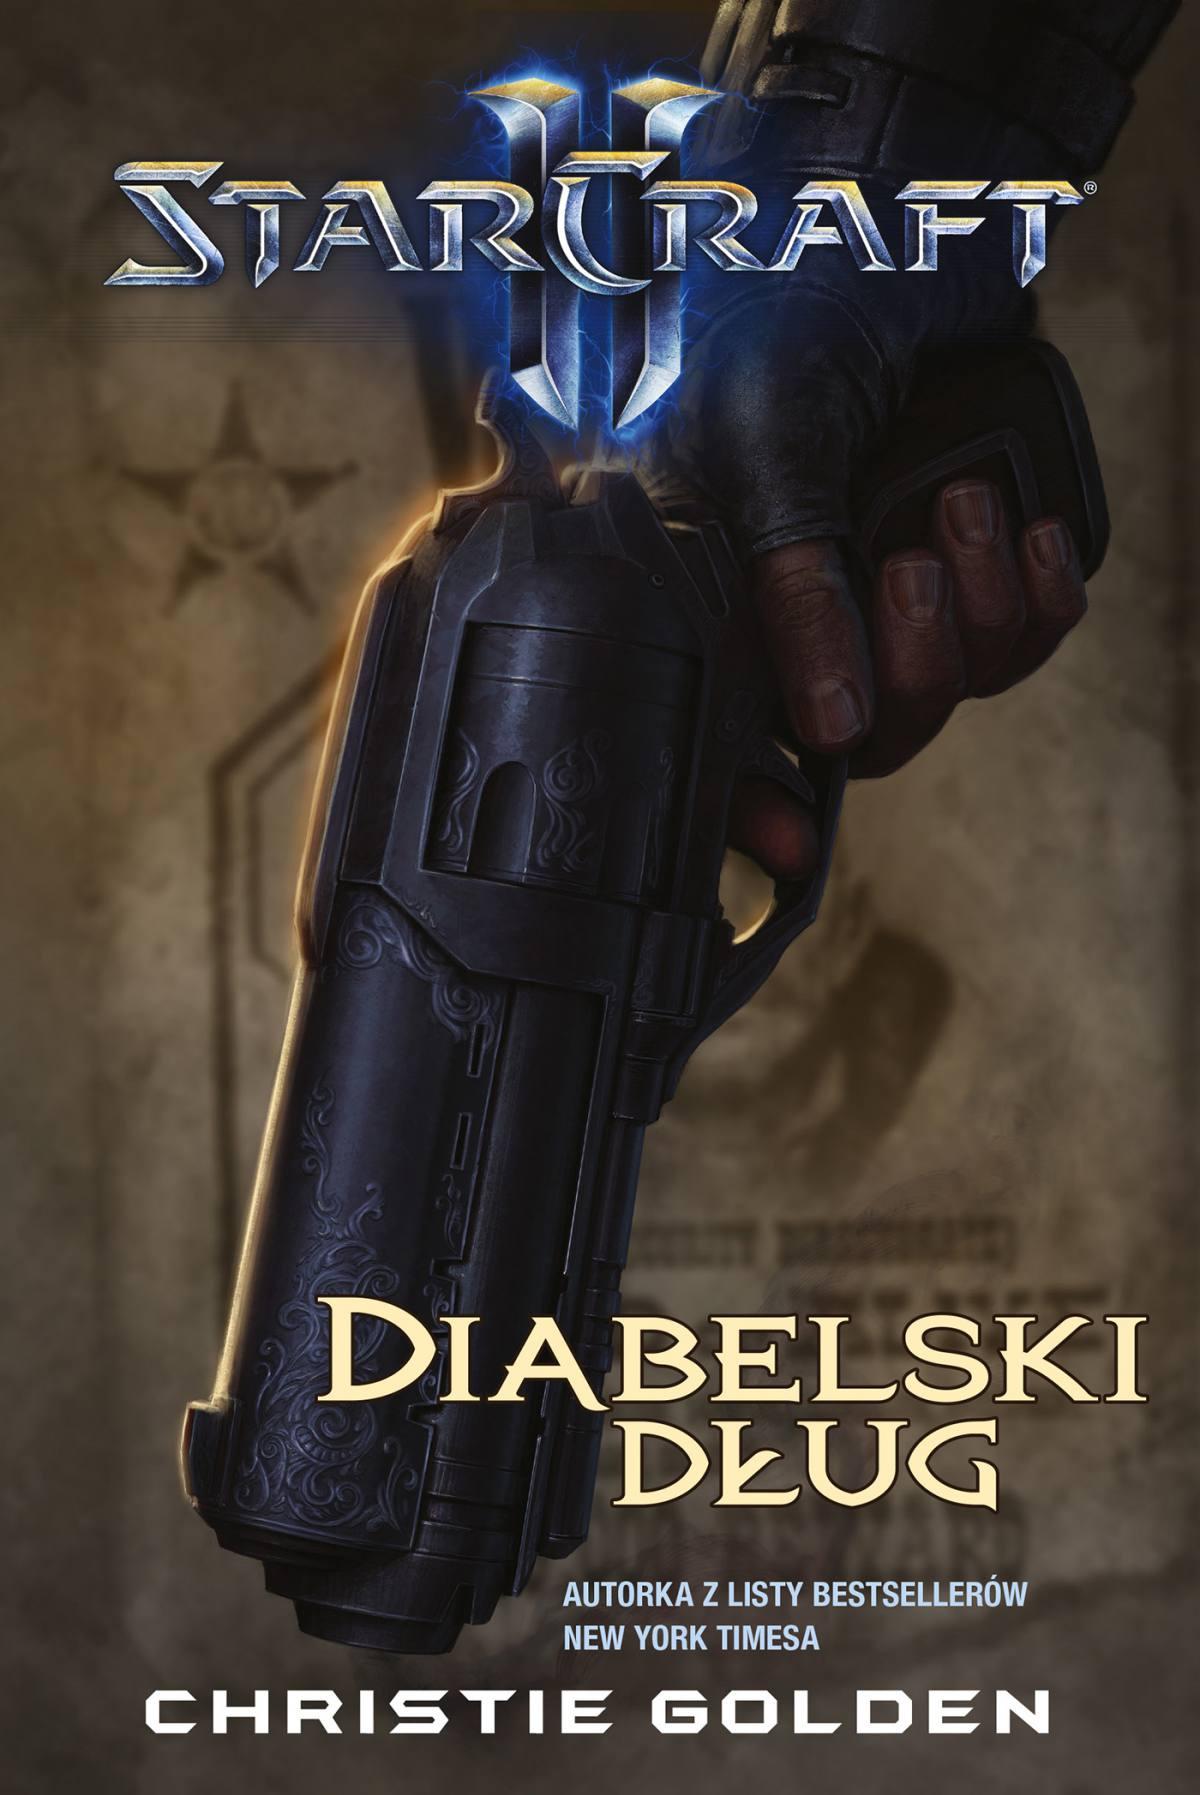 StarCraft II: Diabelski dług - Ebook (Książka na Kindle) do pobrania w formacie MOBI